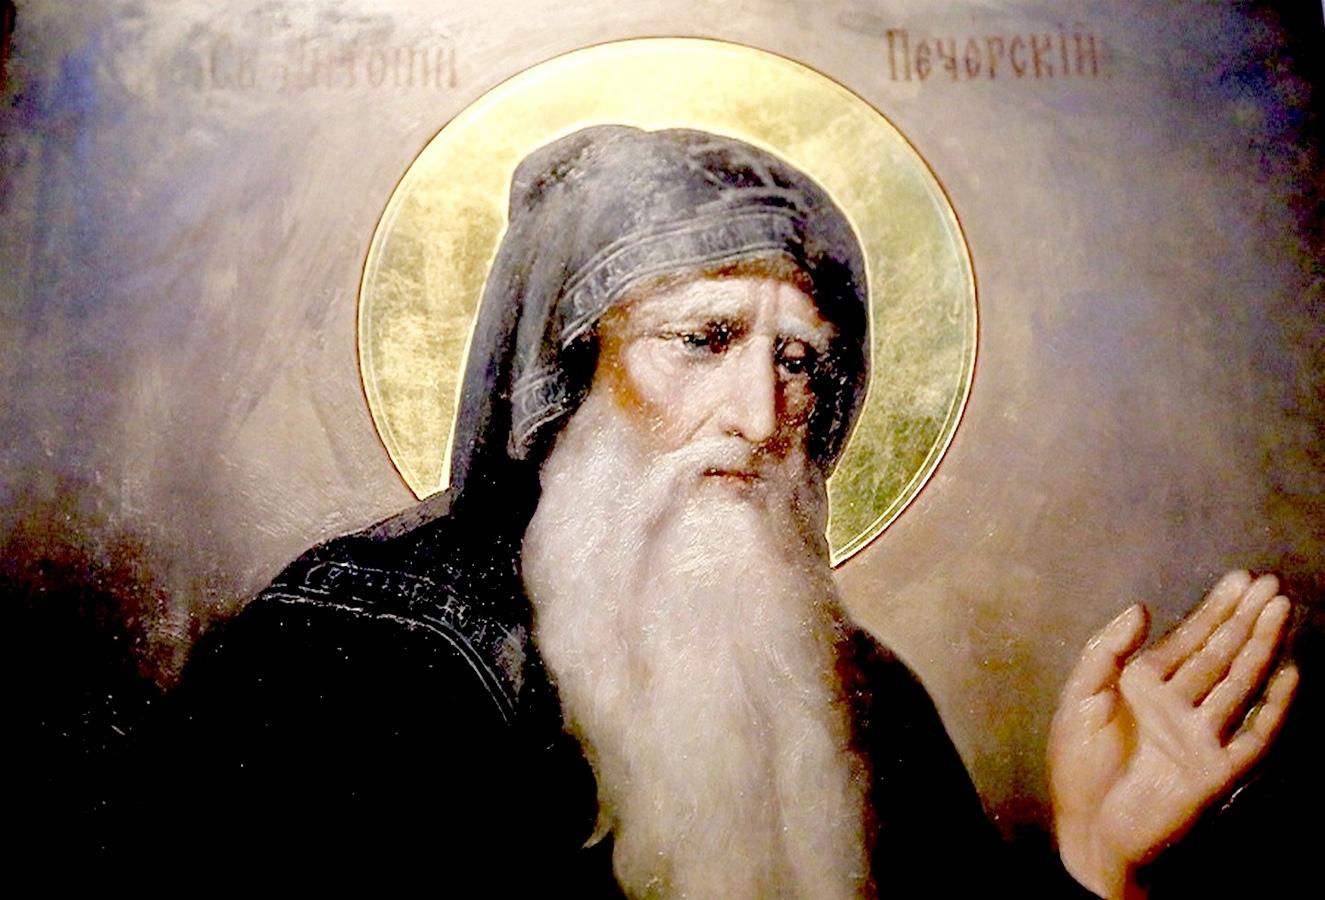 Святой Преподобный Антоний Печерский, начальник всех русских монахов.